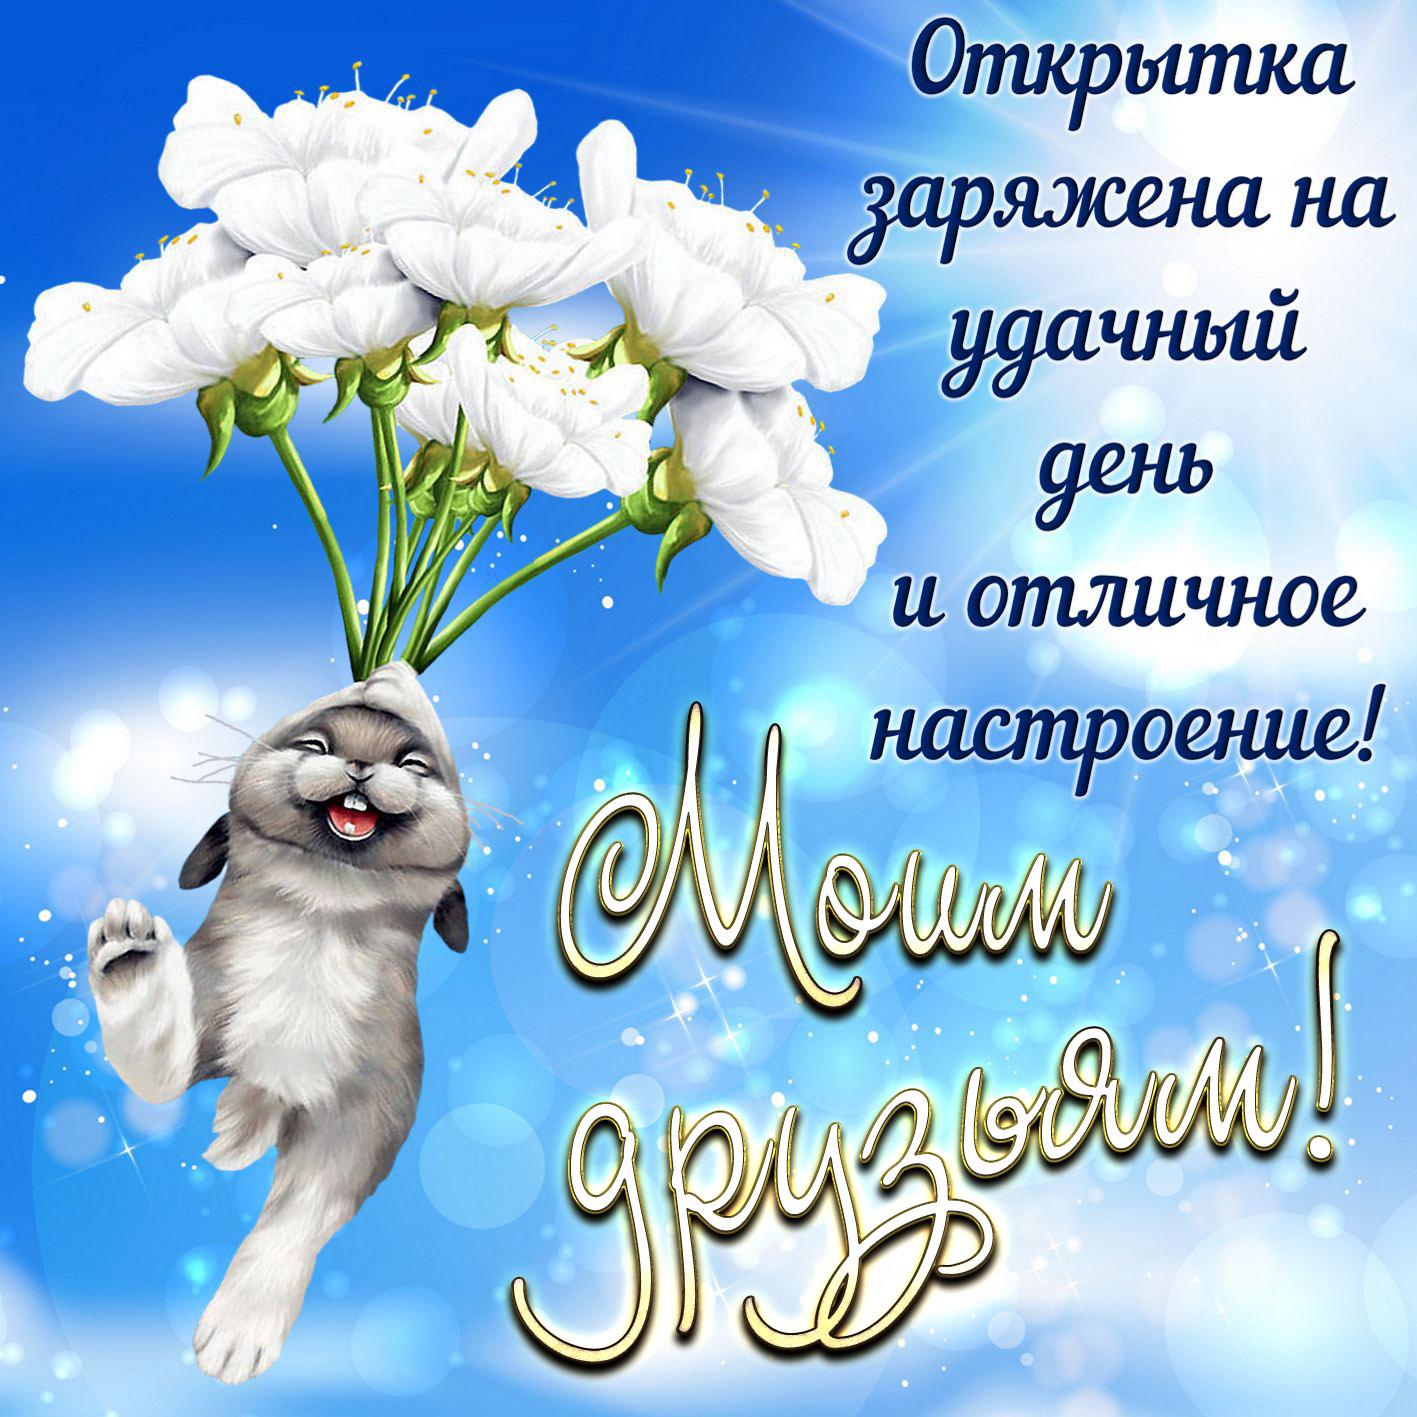 Андрей днюхой, одноклассникам открытка